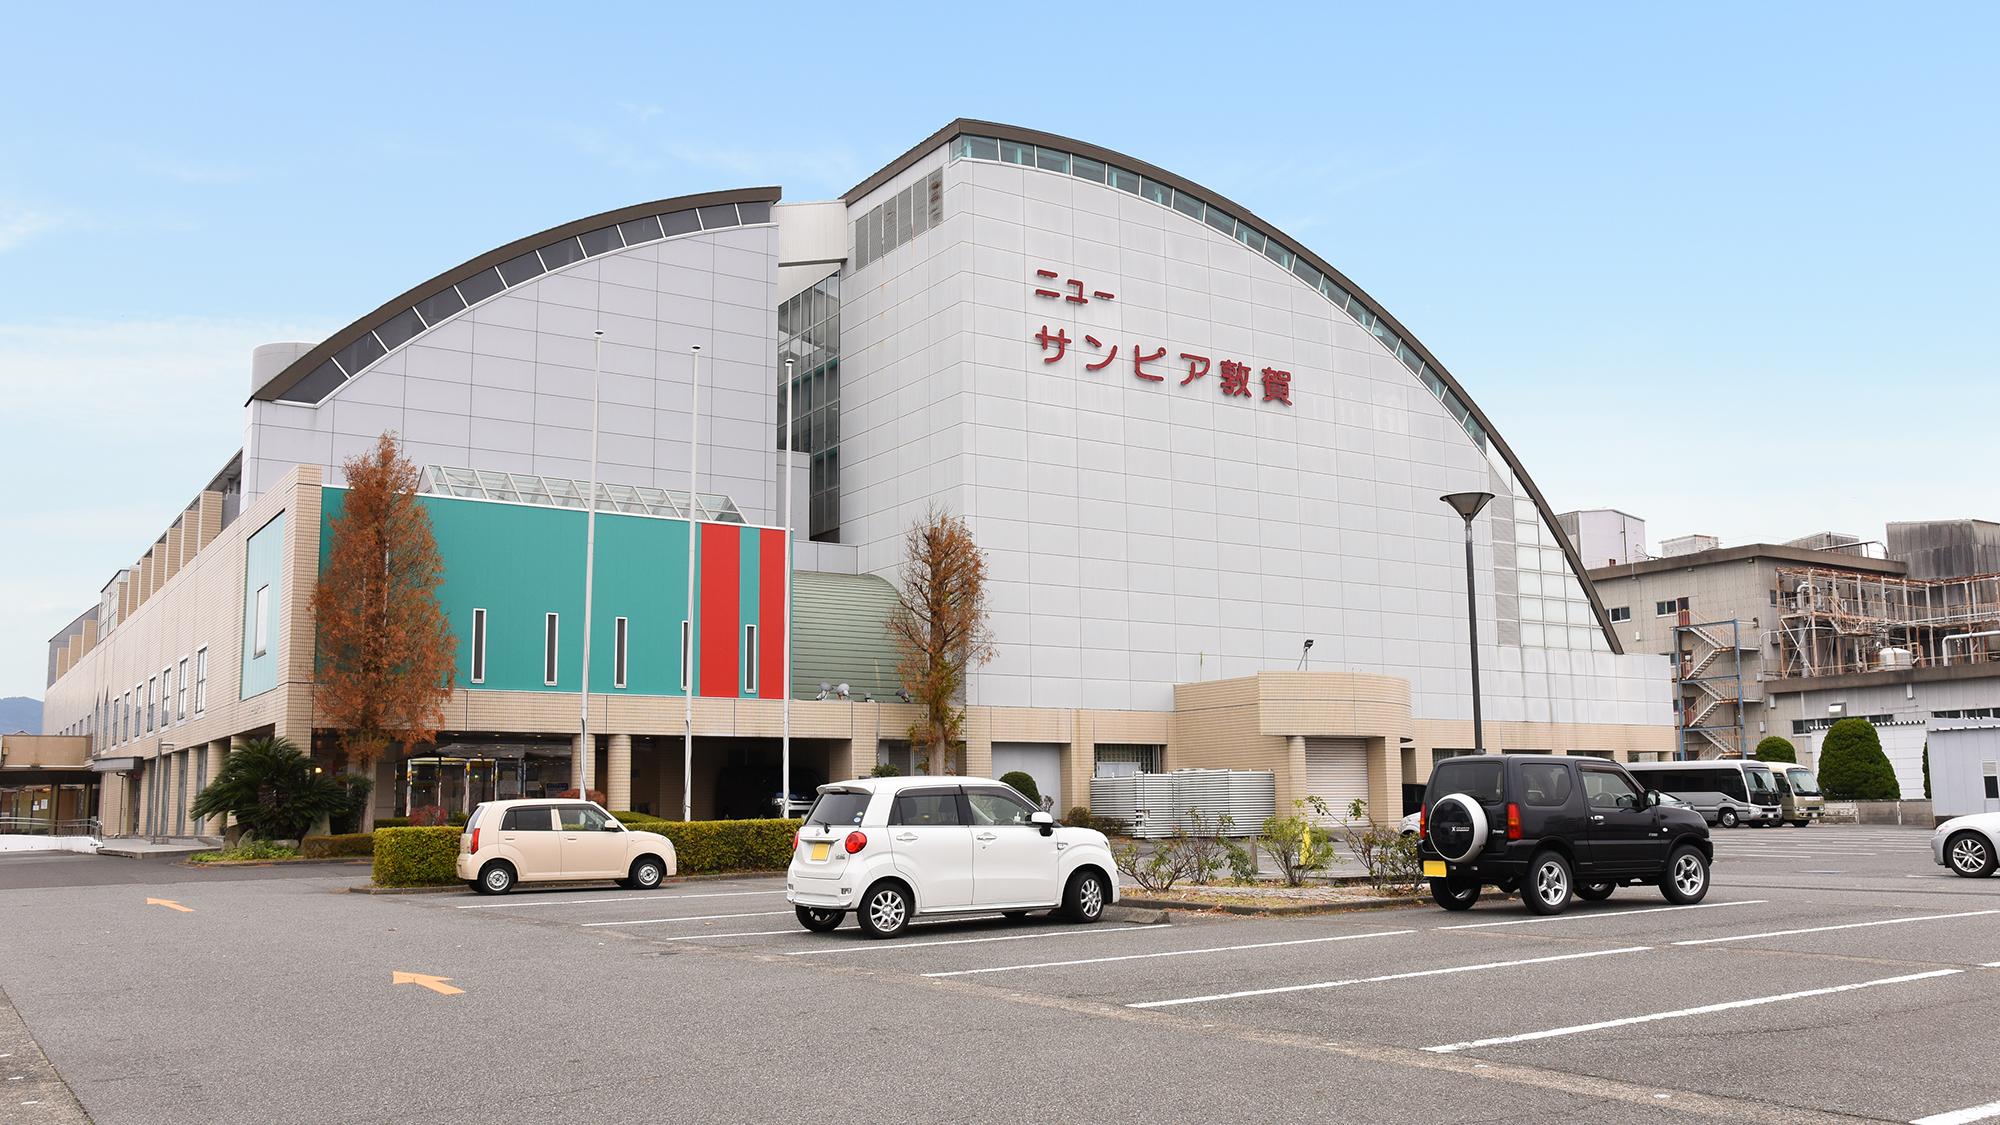 ニューサンピア敦賀 image